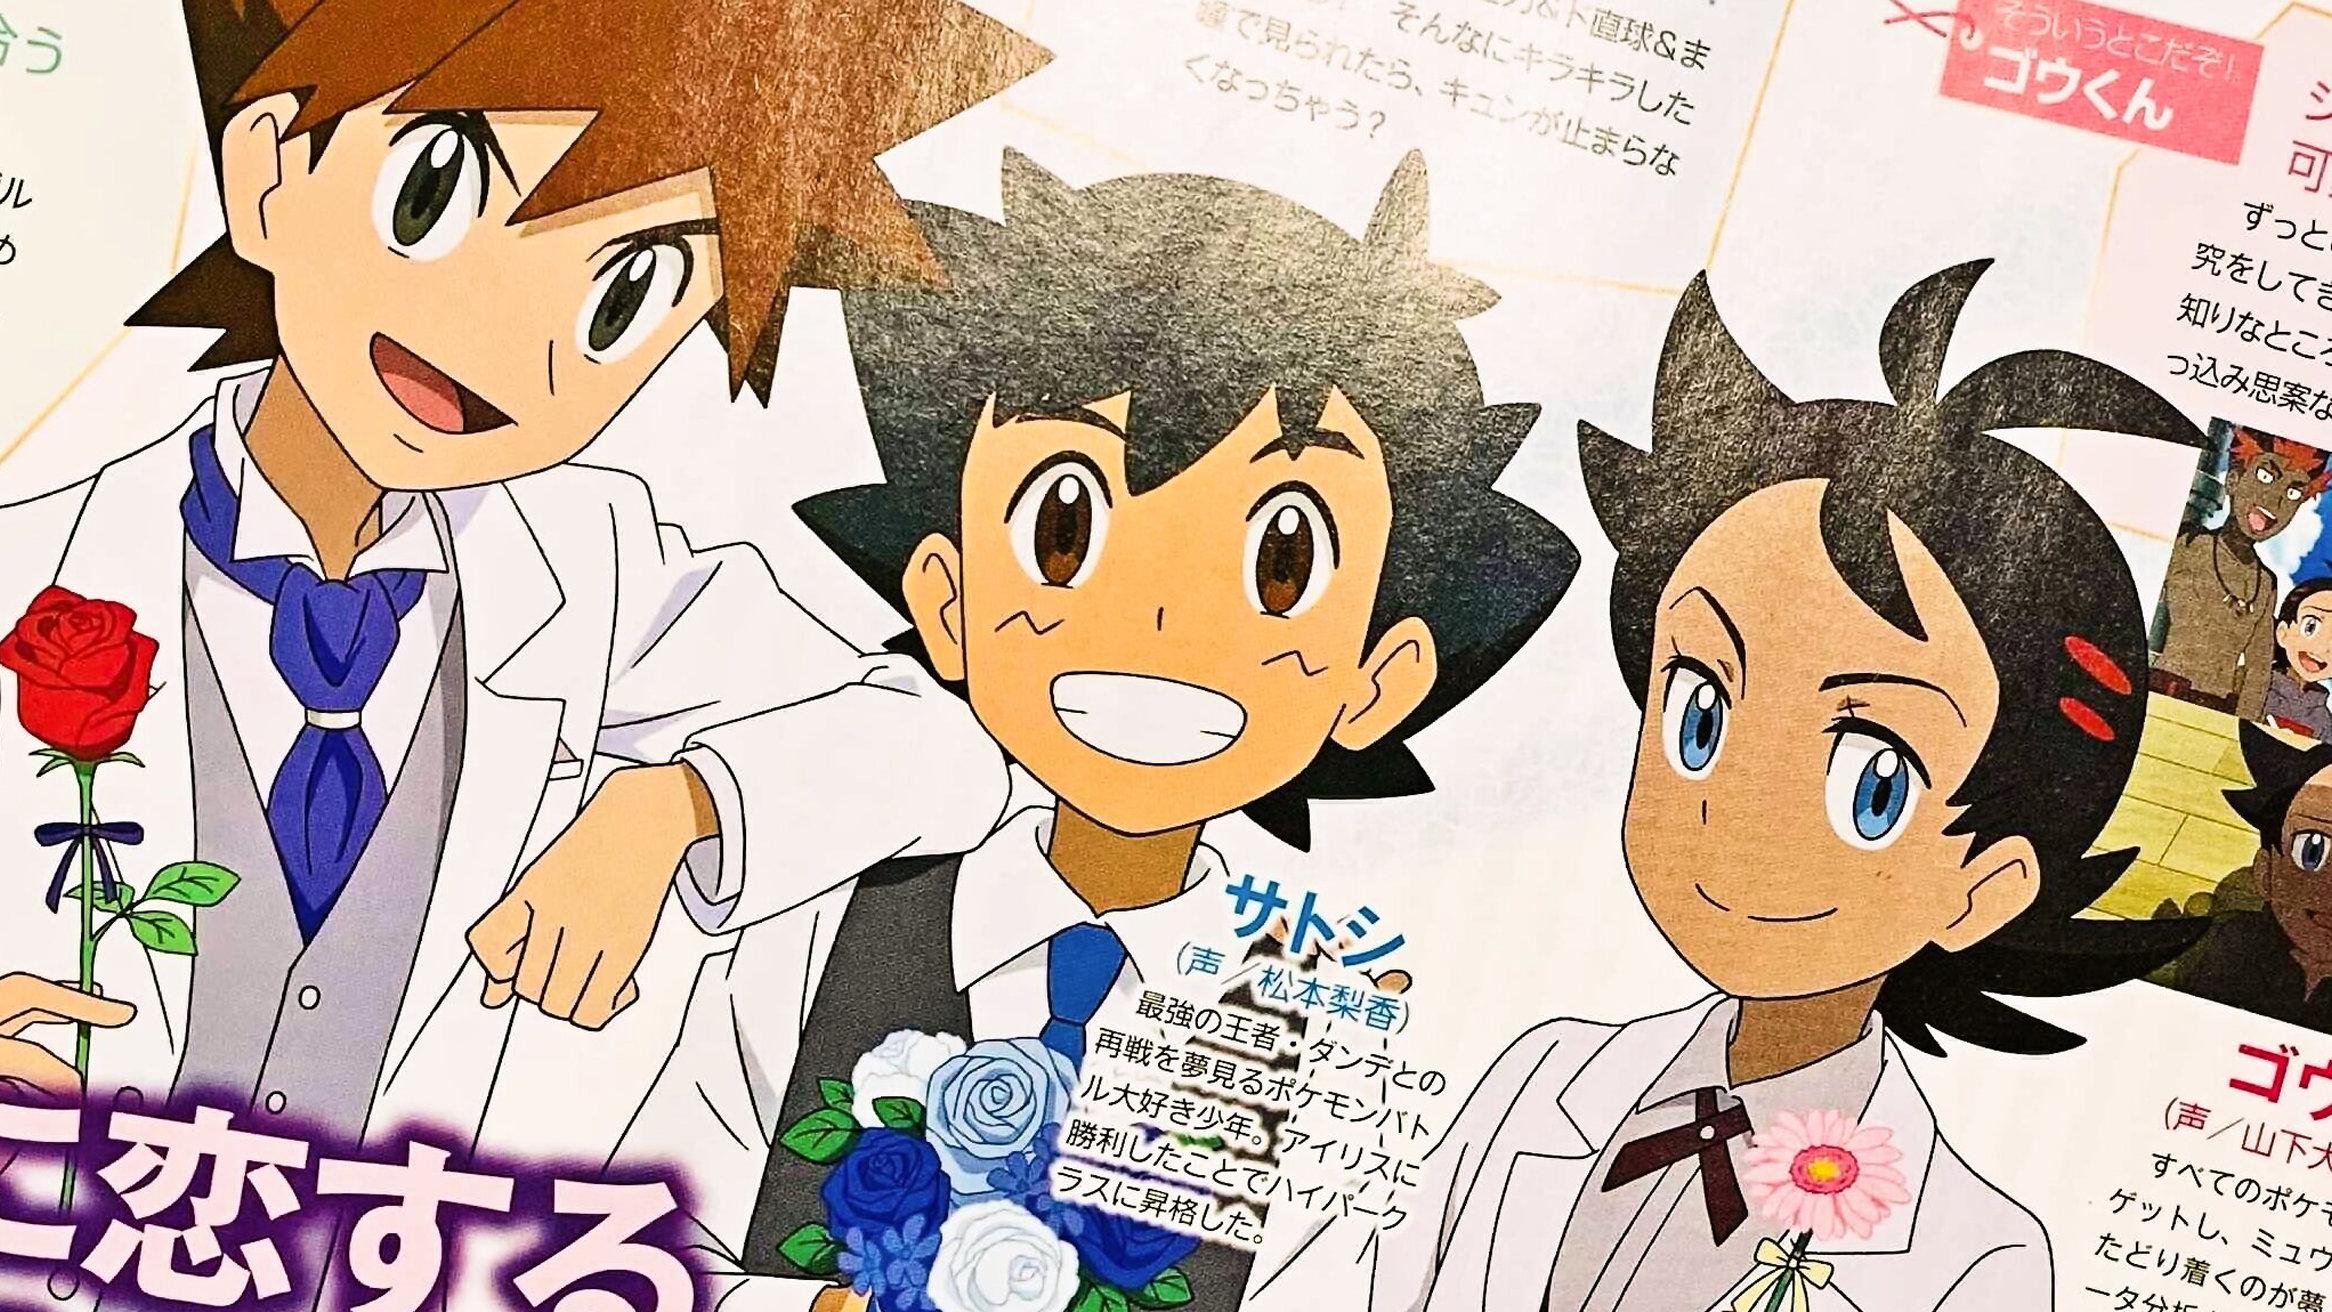 ポケモンアニメ、ウェディング風のサトシ&ゴウ、シゲルのポスター